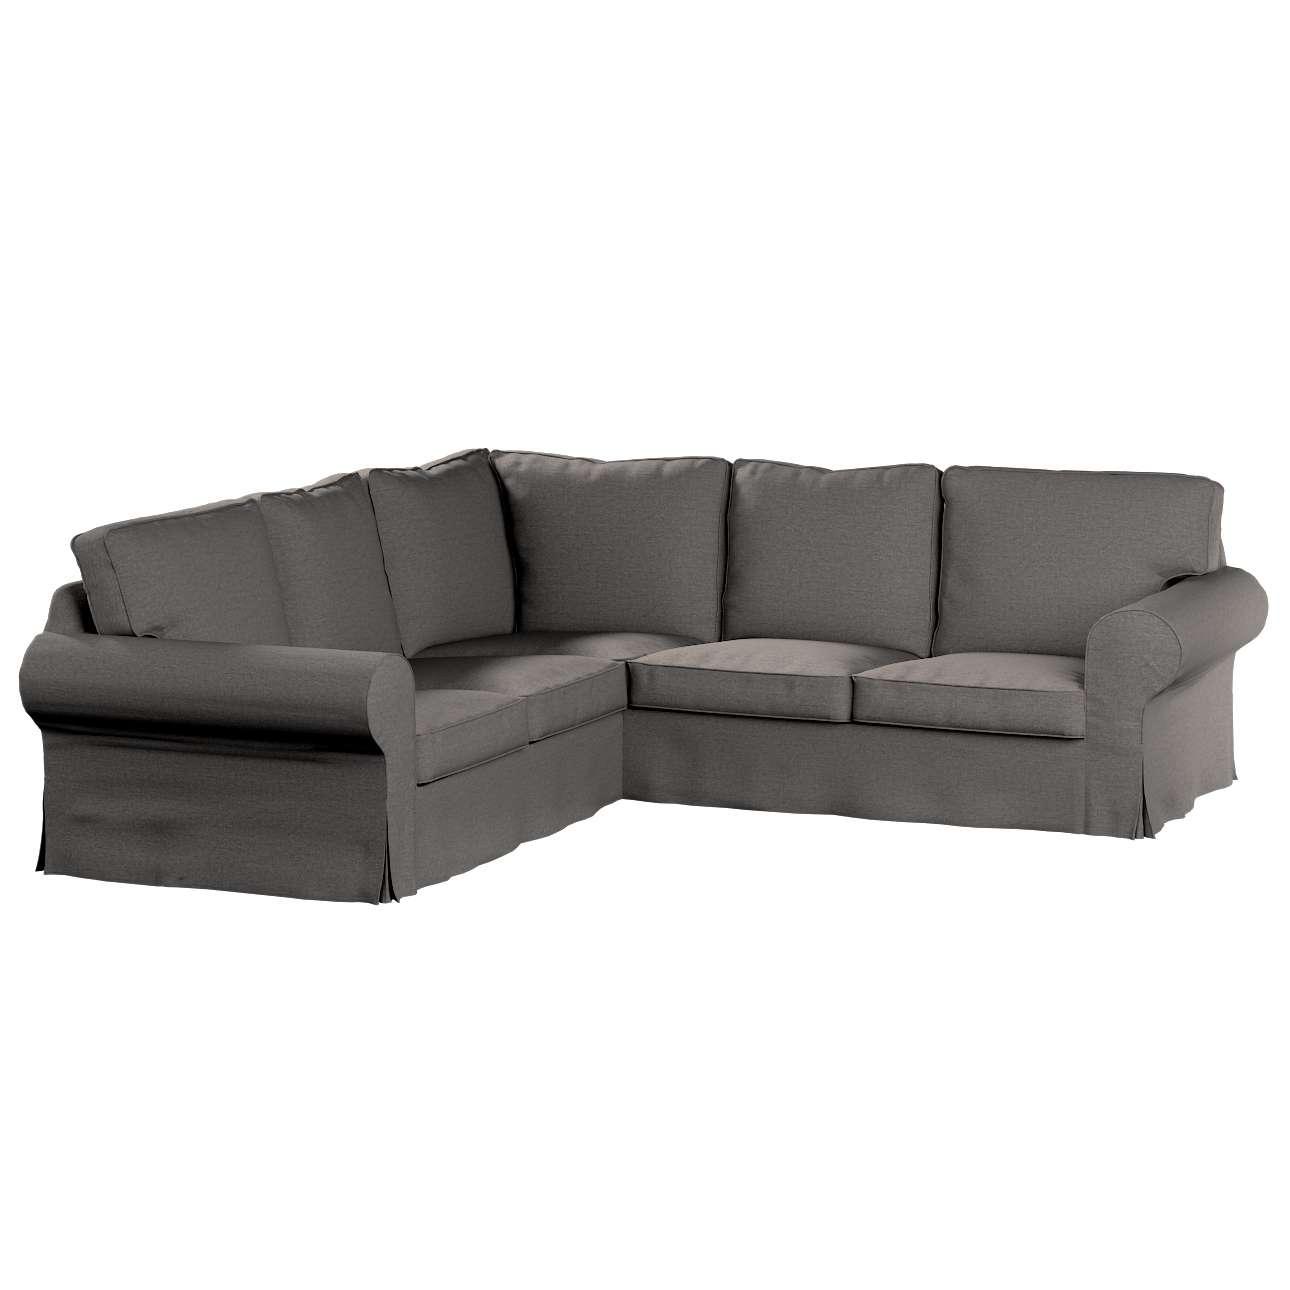 Pokrowiec na sofę narożną Ektorp w kolekcji Edinburgh, tkanina: 115-77